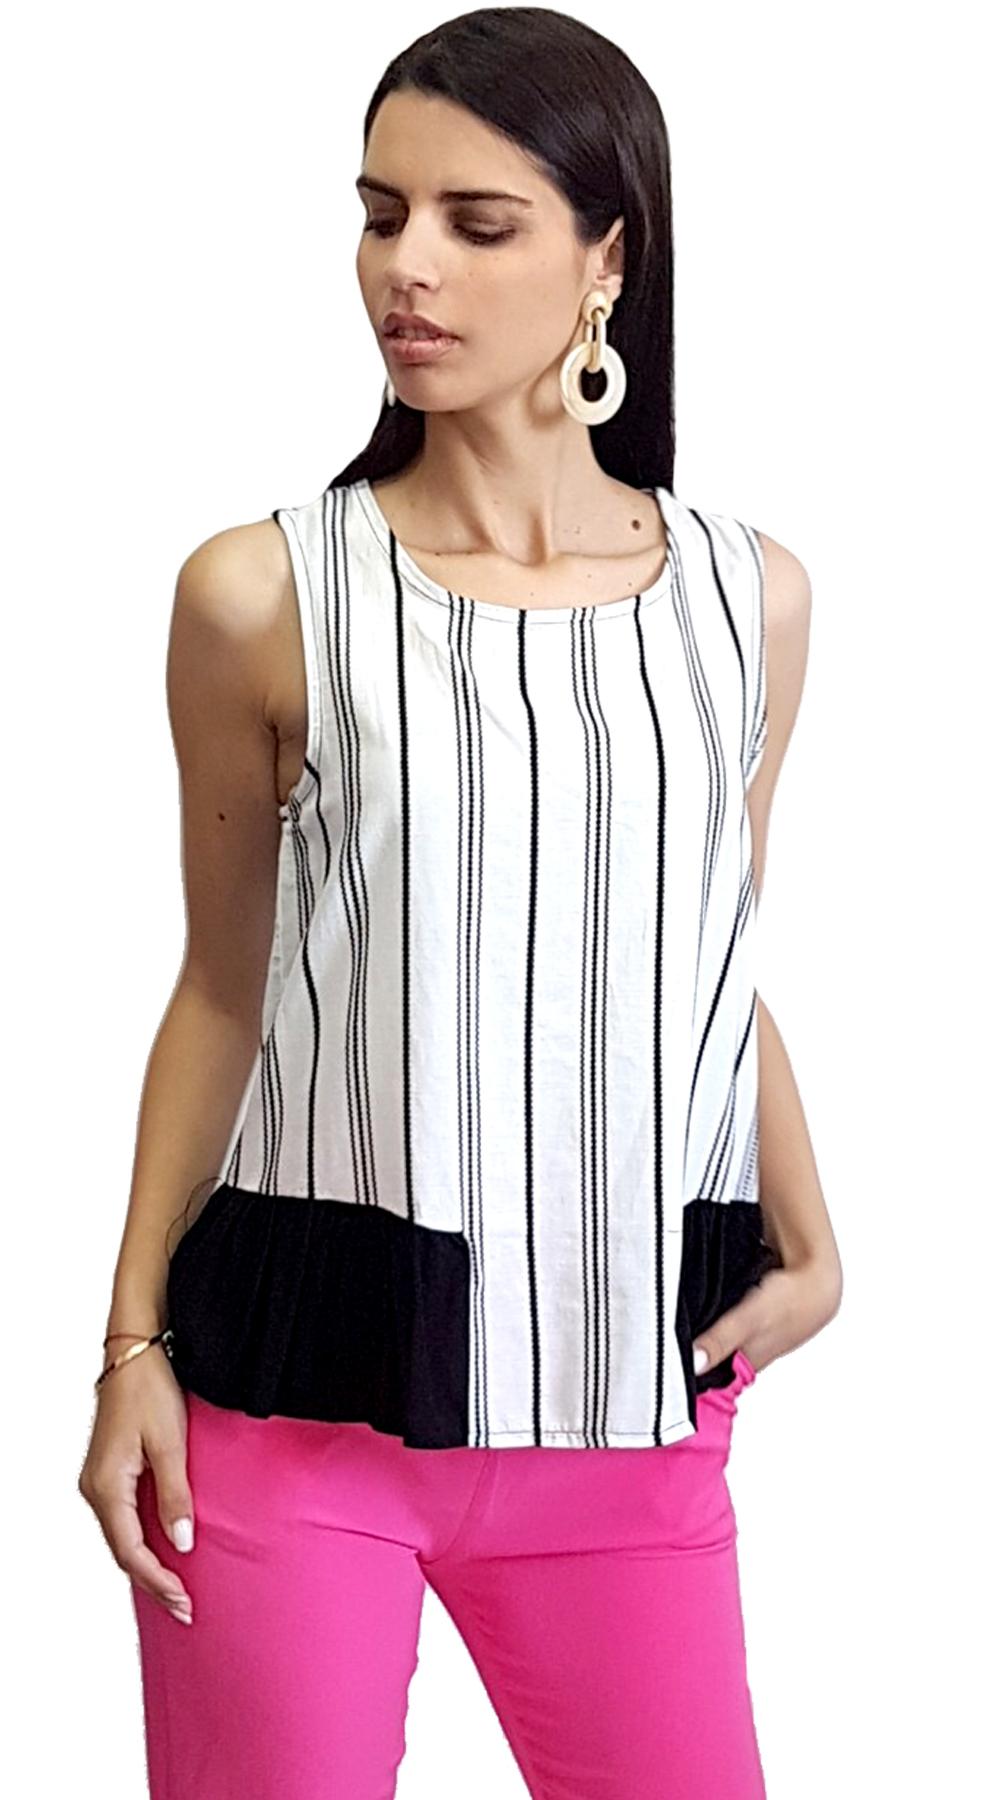 56bb8f123461 Γυναικεία T-shirts - Miss Reina